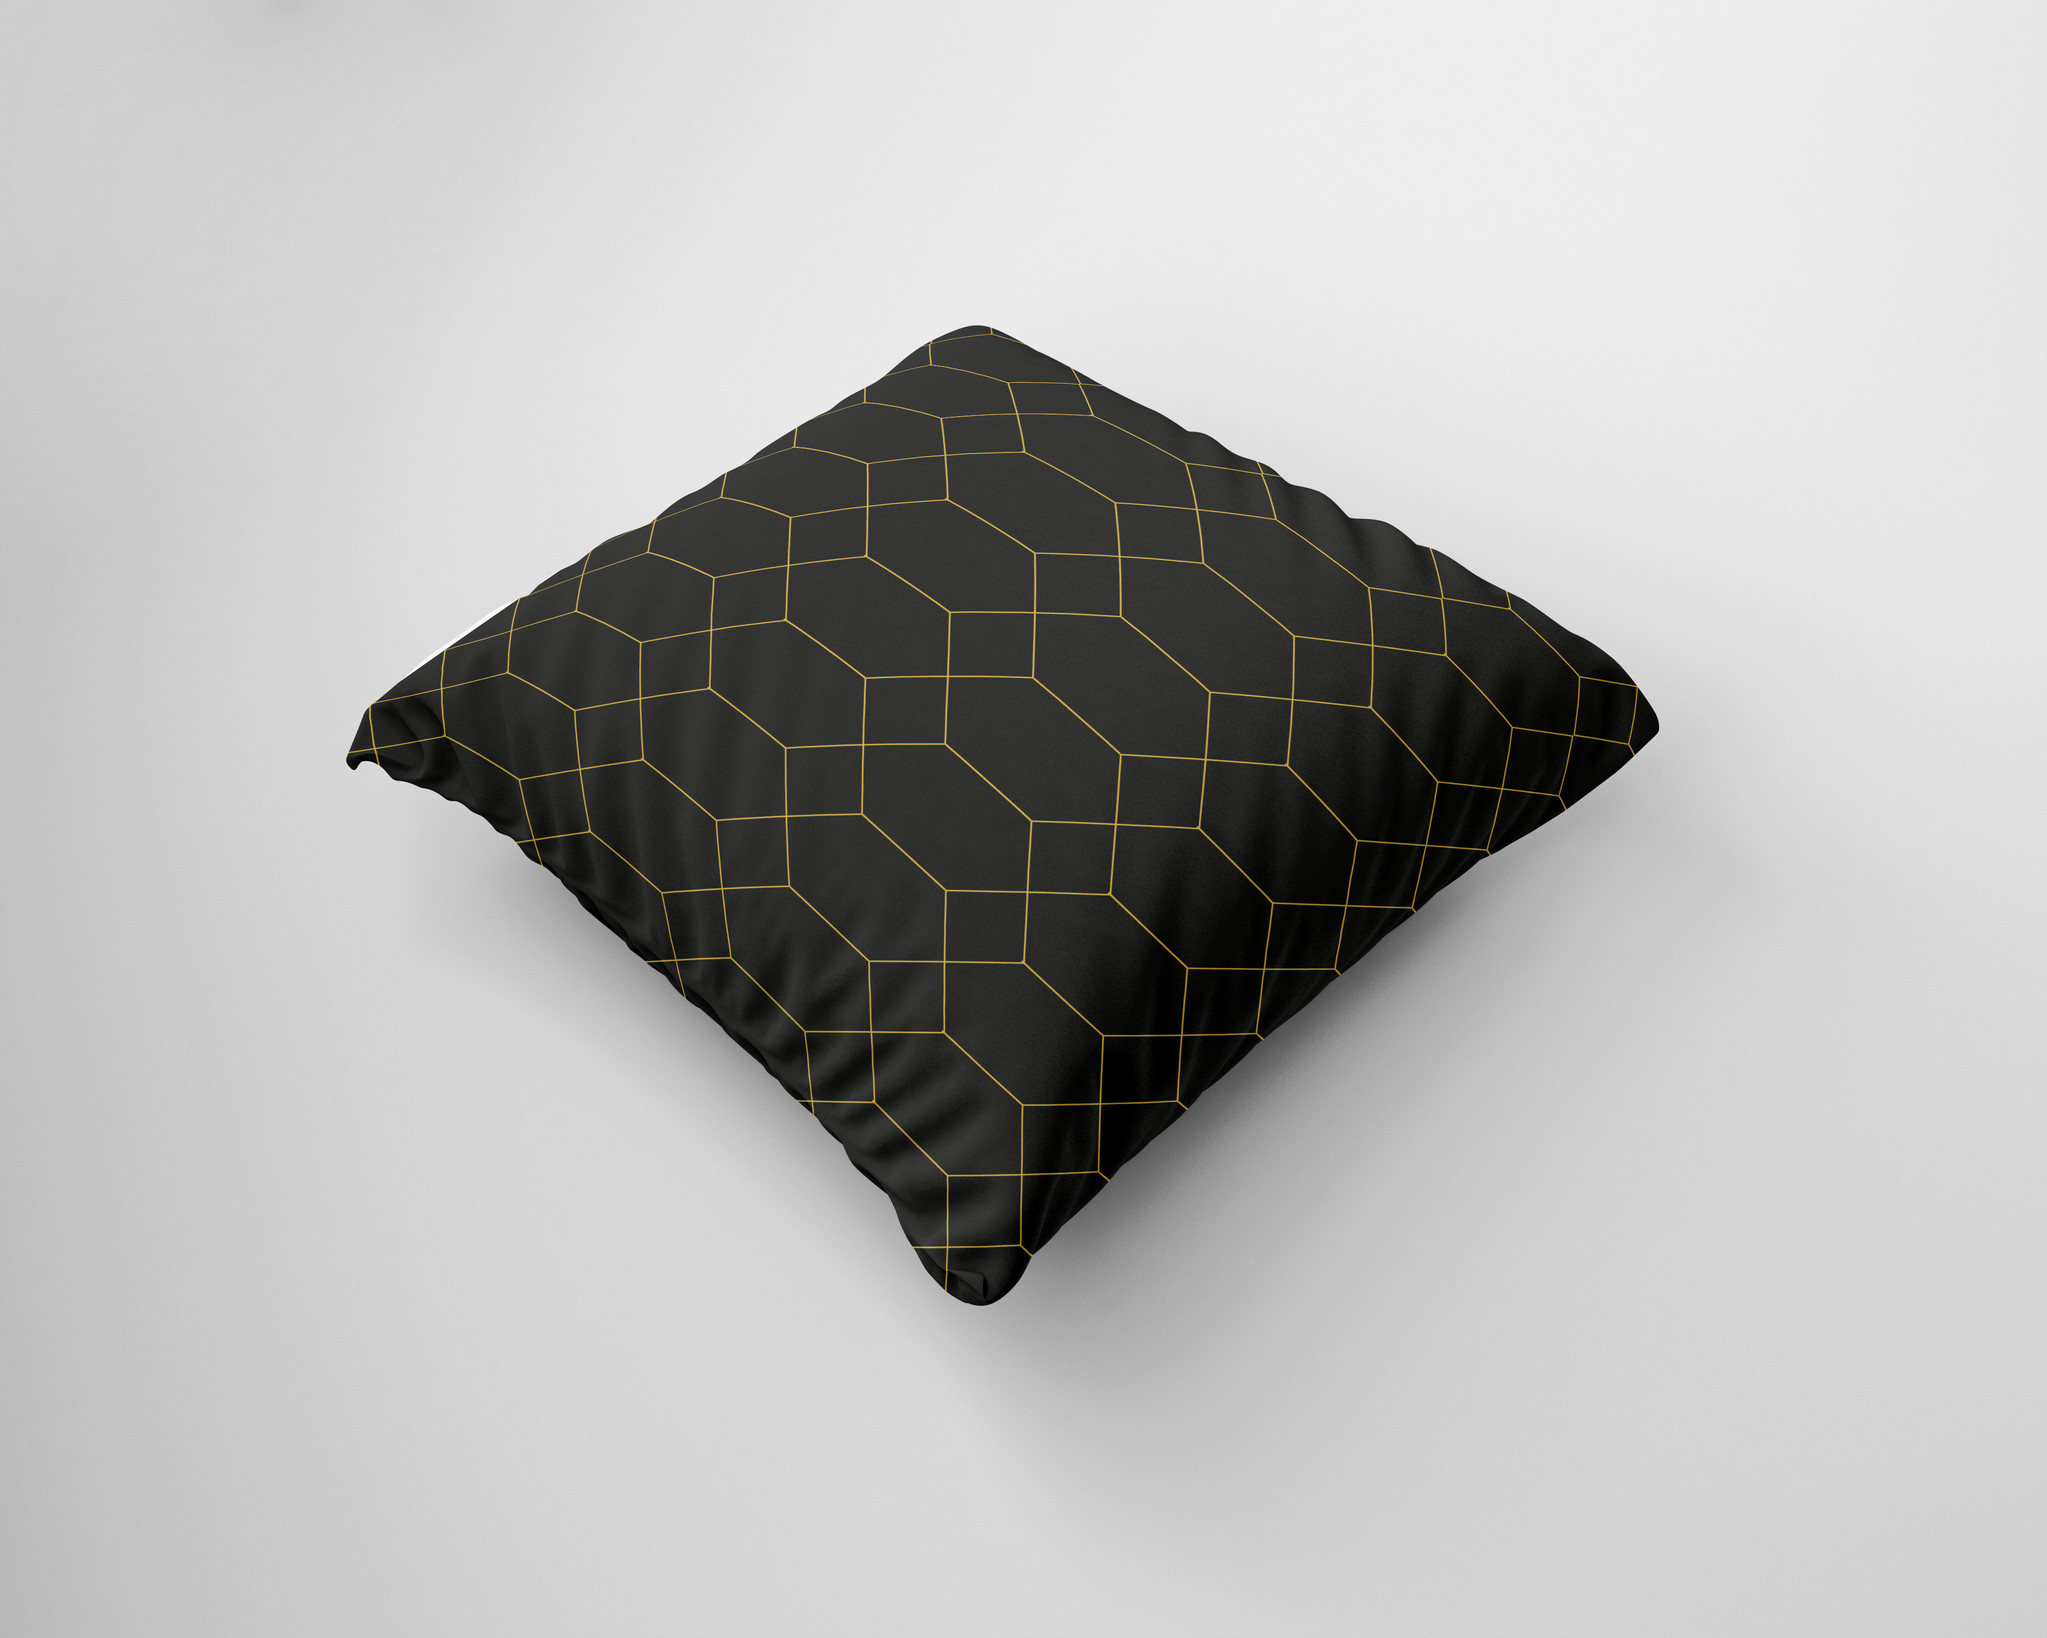 Kussen met goud patroon op zwart